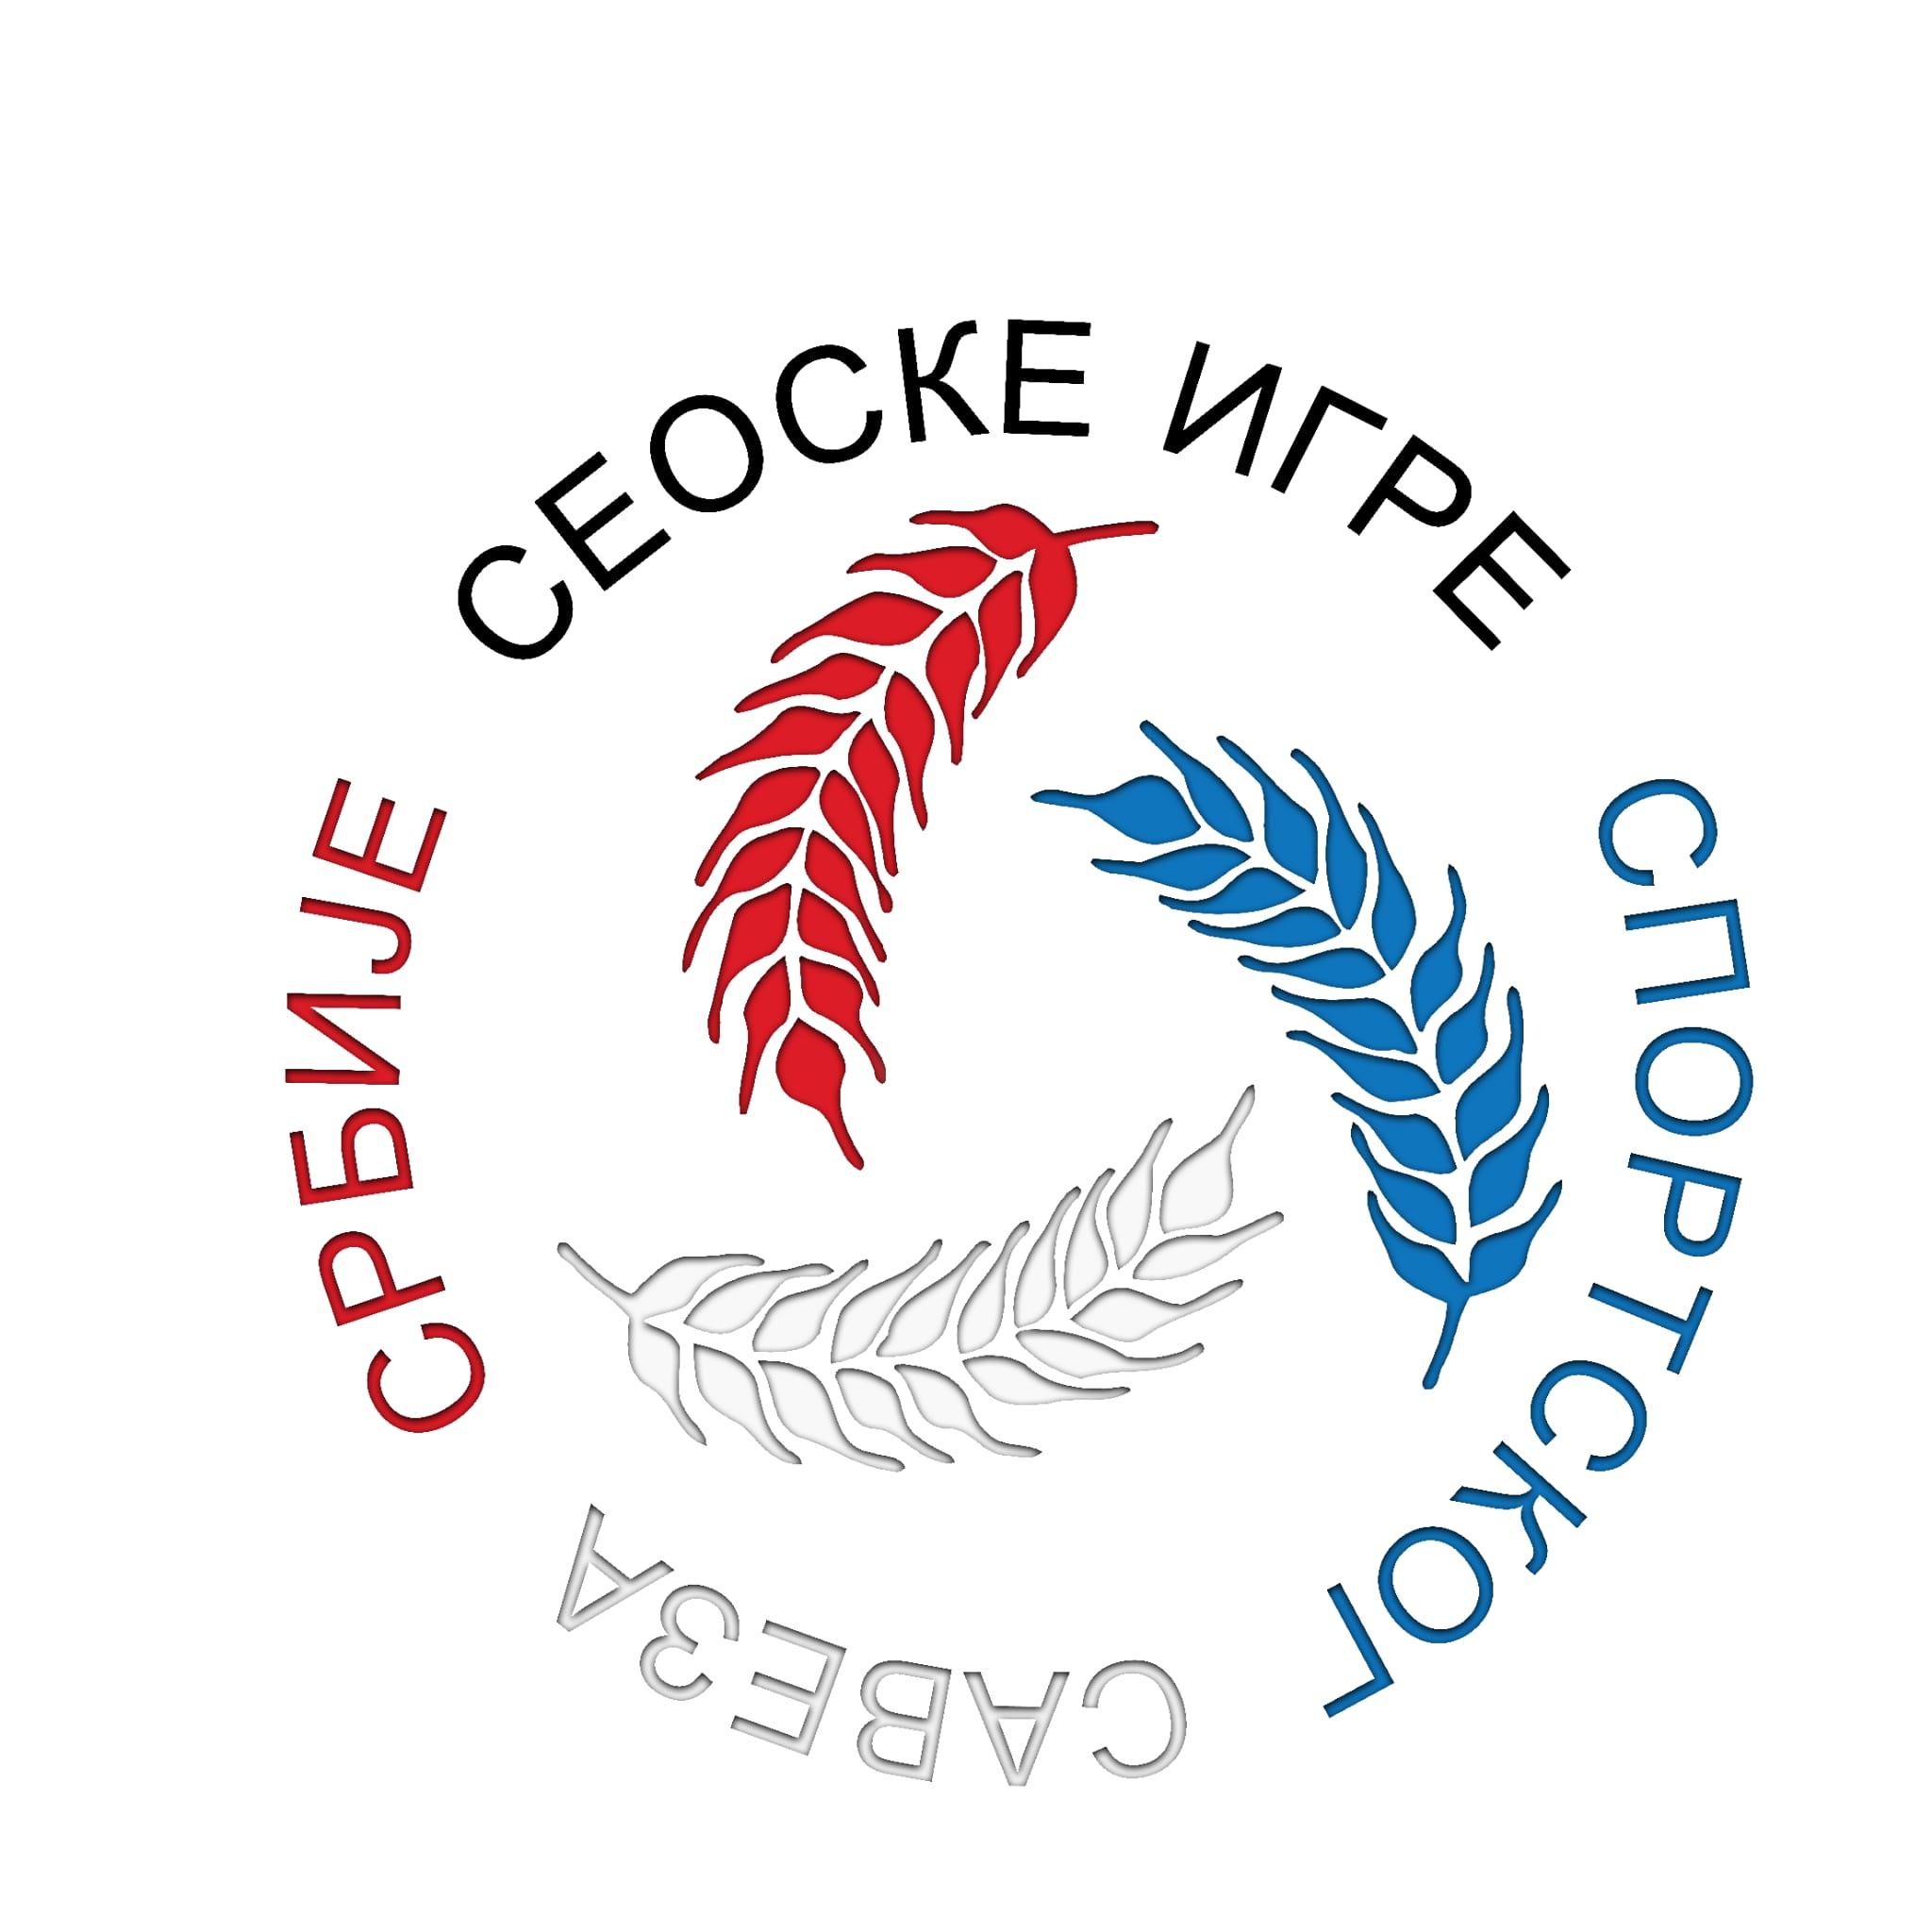 РЕГИОНАЛНО ТАКМИЧЕЊЕ СЕОСКИХ ИГАРА СПОРТСКОГ САВЕЗА СРБИЈЕ У ЗАЈЕЧАРУ